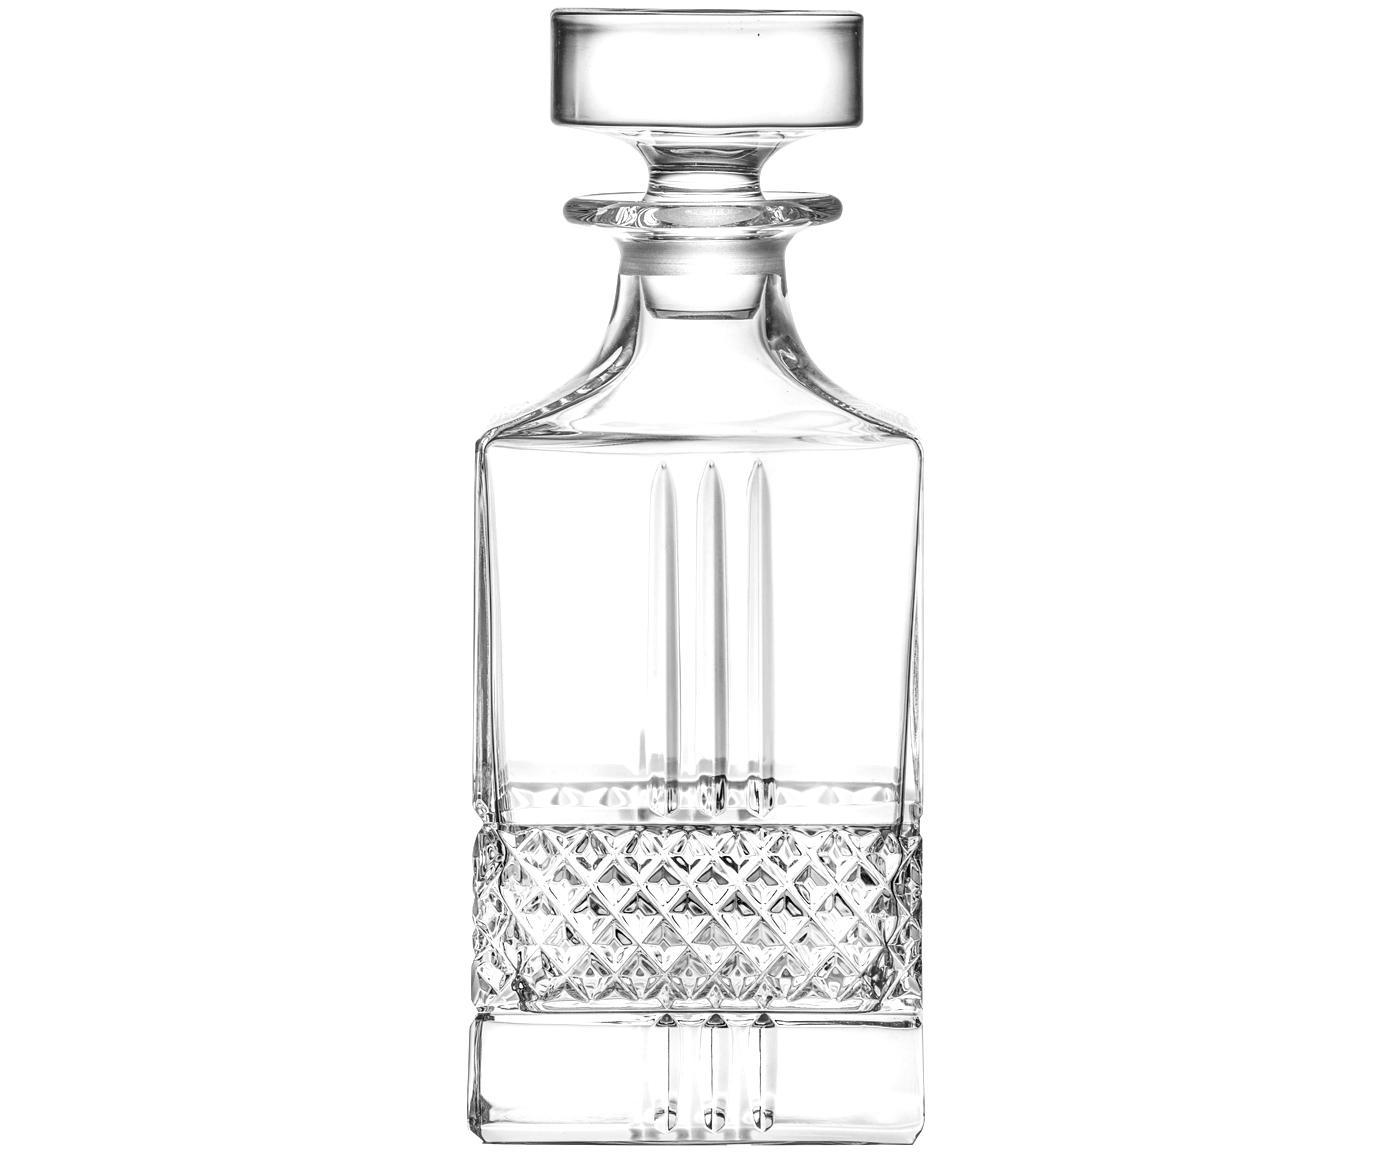 Kristall-Dekanter Calicavino, Kristallglas, Transparent, H 19 cm